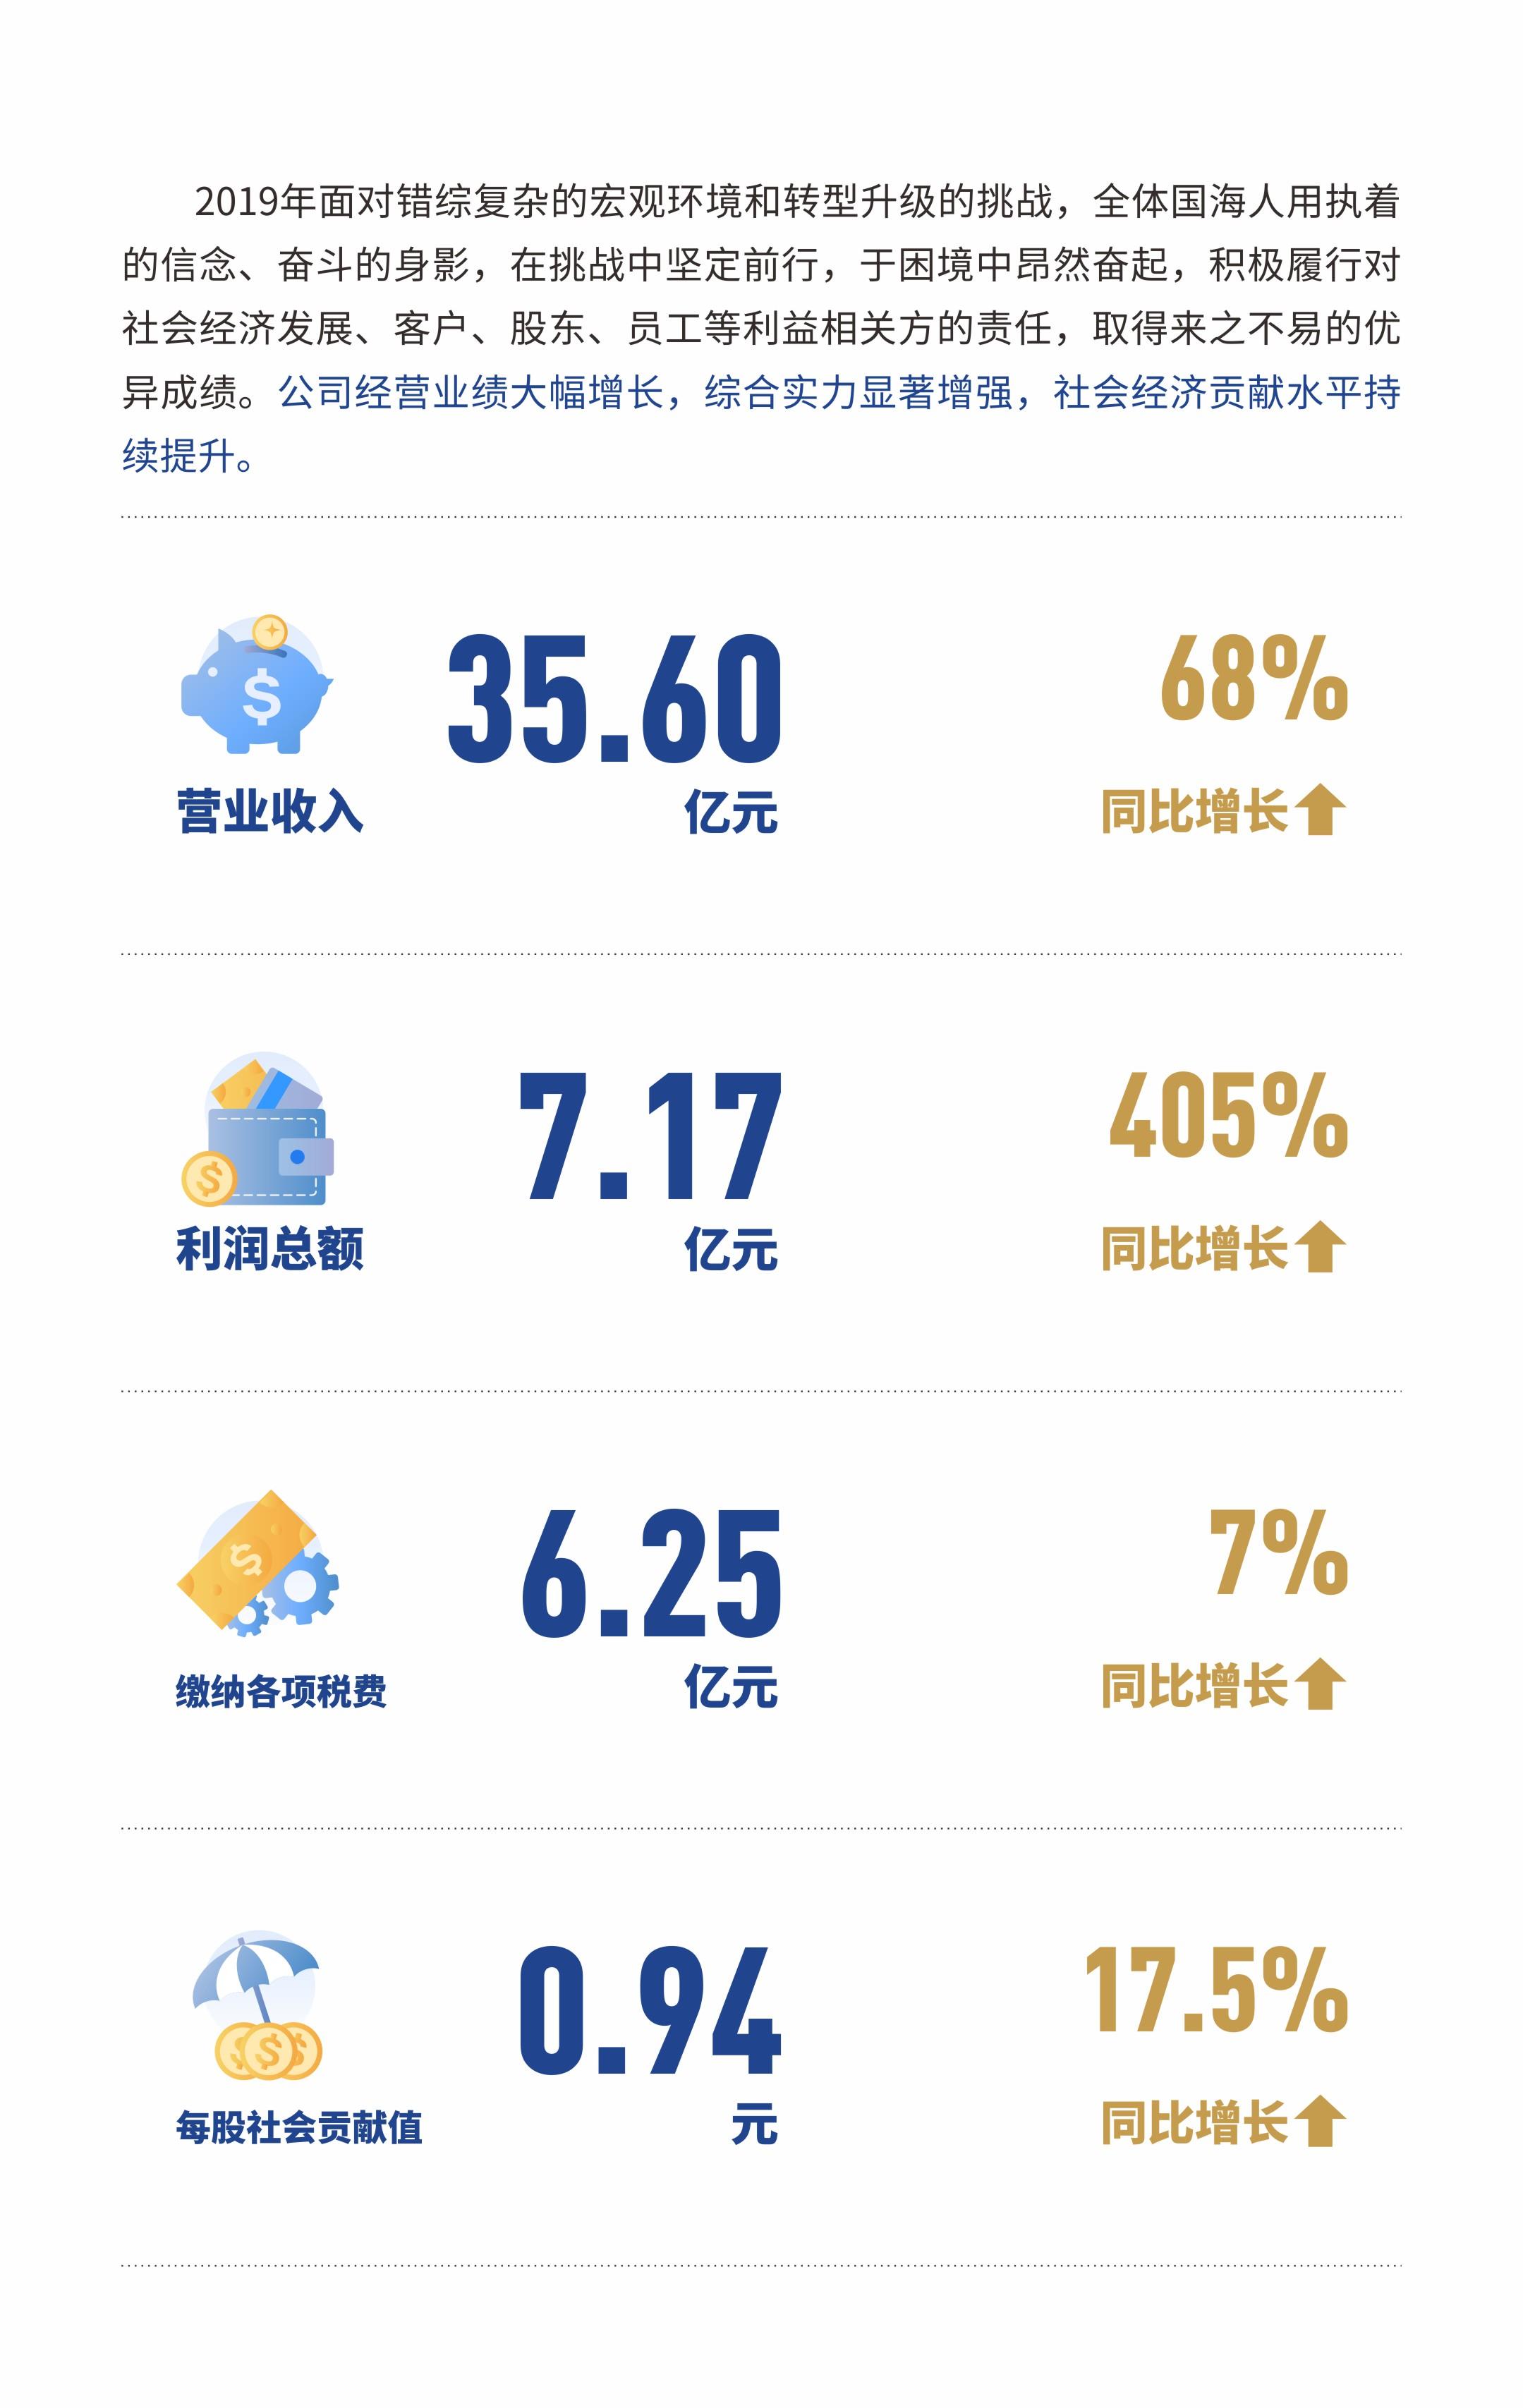 国海证券 2019年业绩【净利同比增长超5倍国海证券2019年业绩大涨】